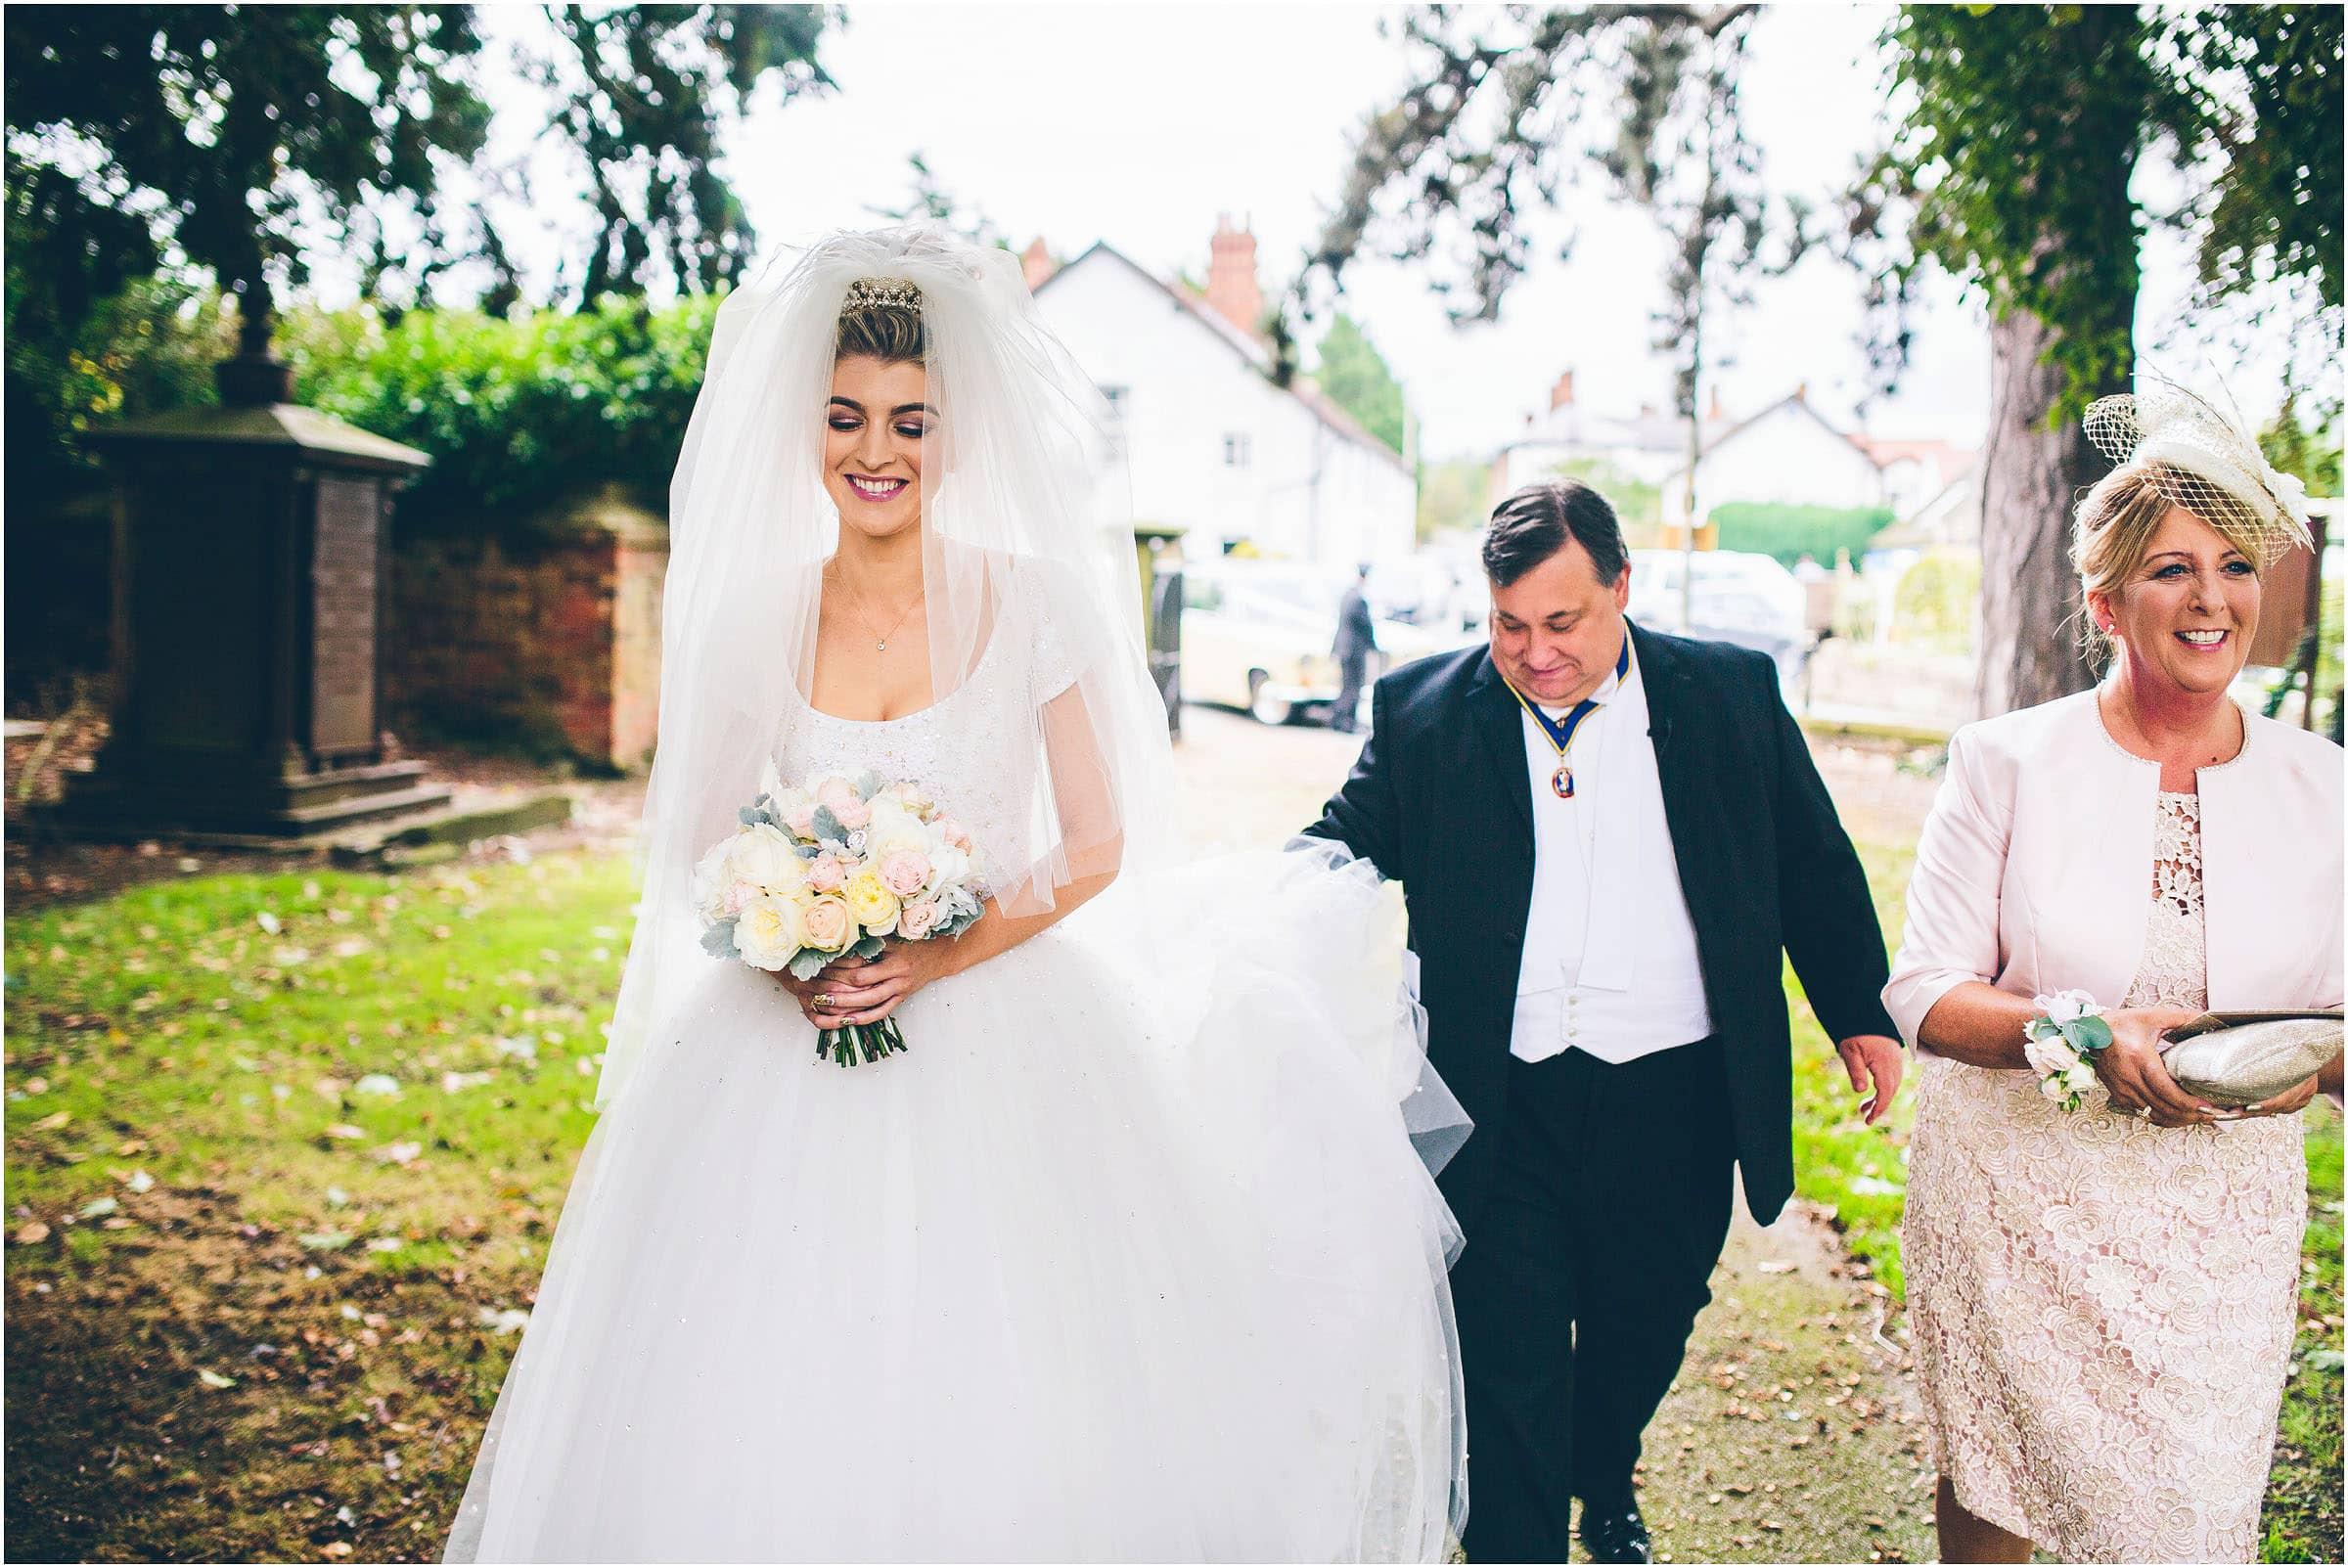 shropshire_wedding_photography_0026